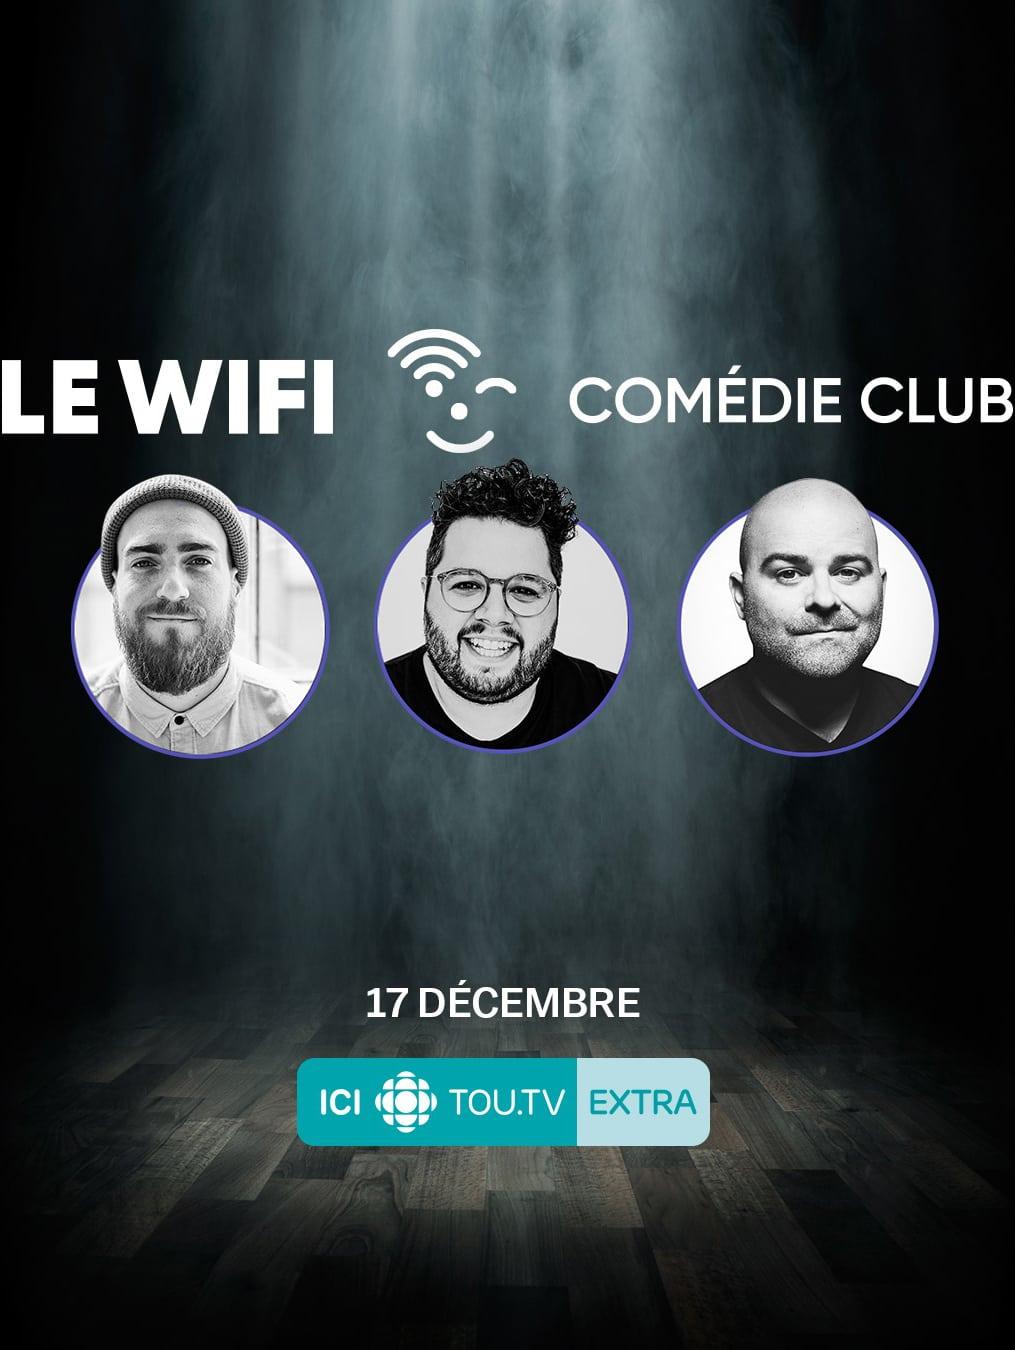 Le WiFi Comédie Club